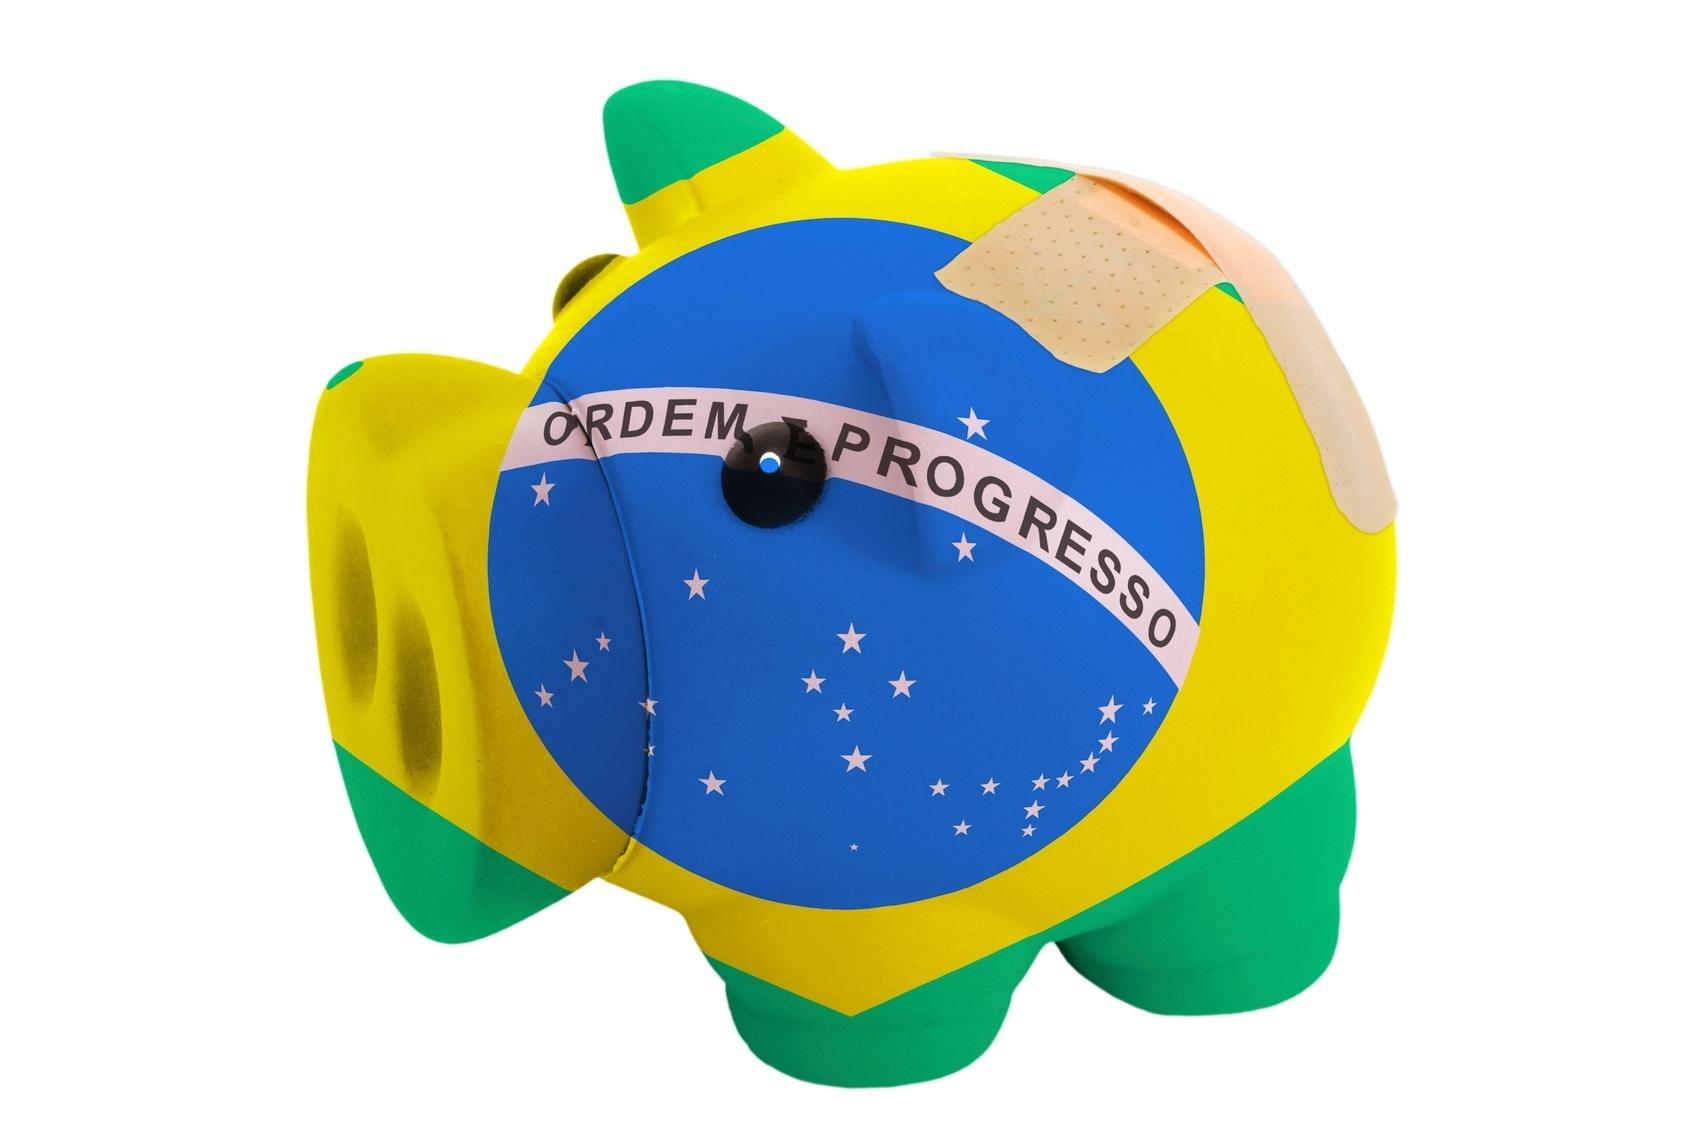 Risco Brasil dobra com eleição  país só está melhor que Turquia e Argentina  - 13 09 2018 - UOL Economia 81b2c6940f668